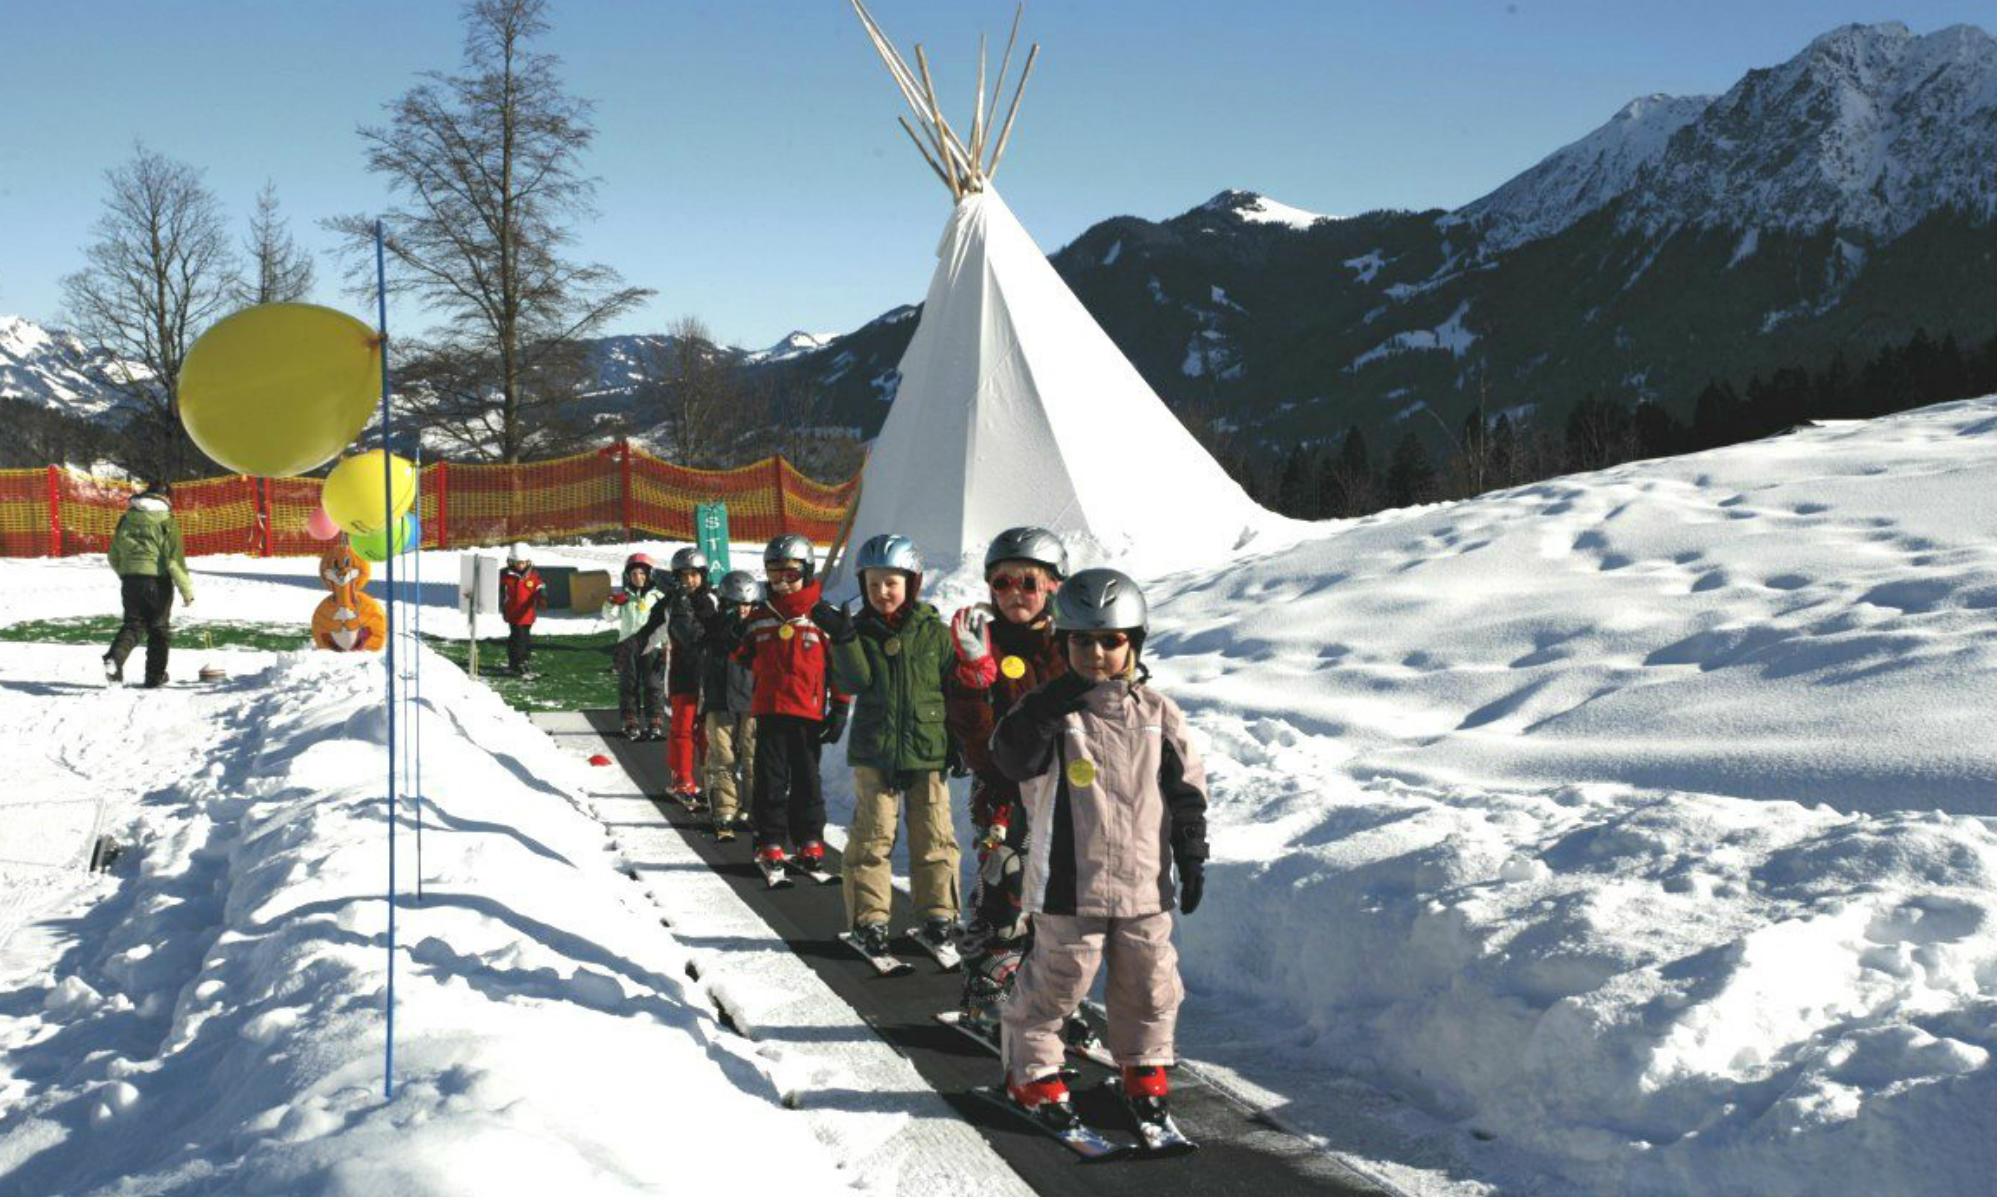 Kinder auf dem Zauberteppich im Kinderland der Alpin Skischule in Oberstdorf.